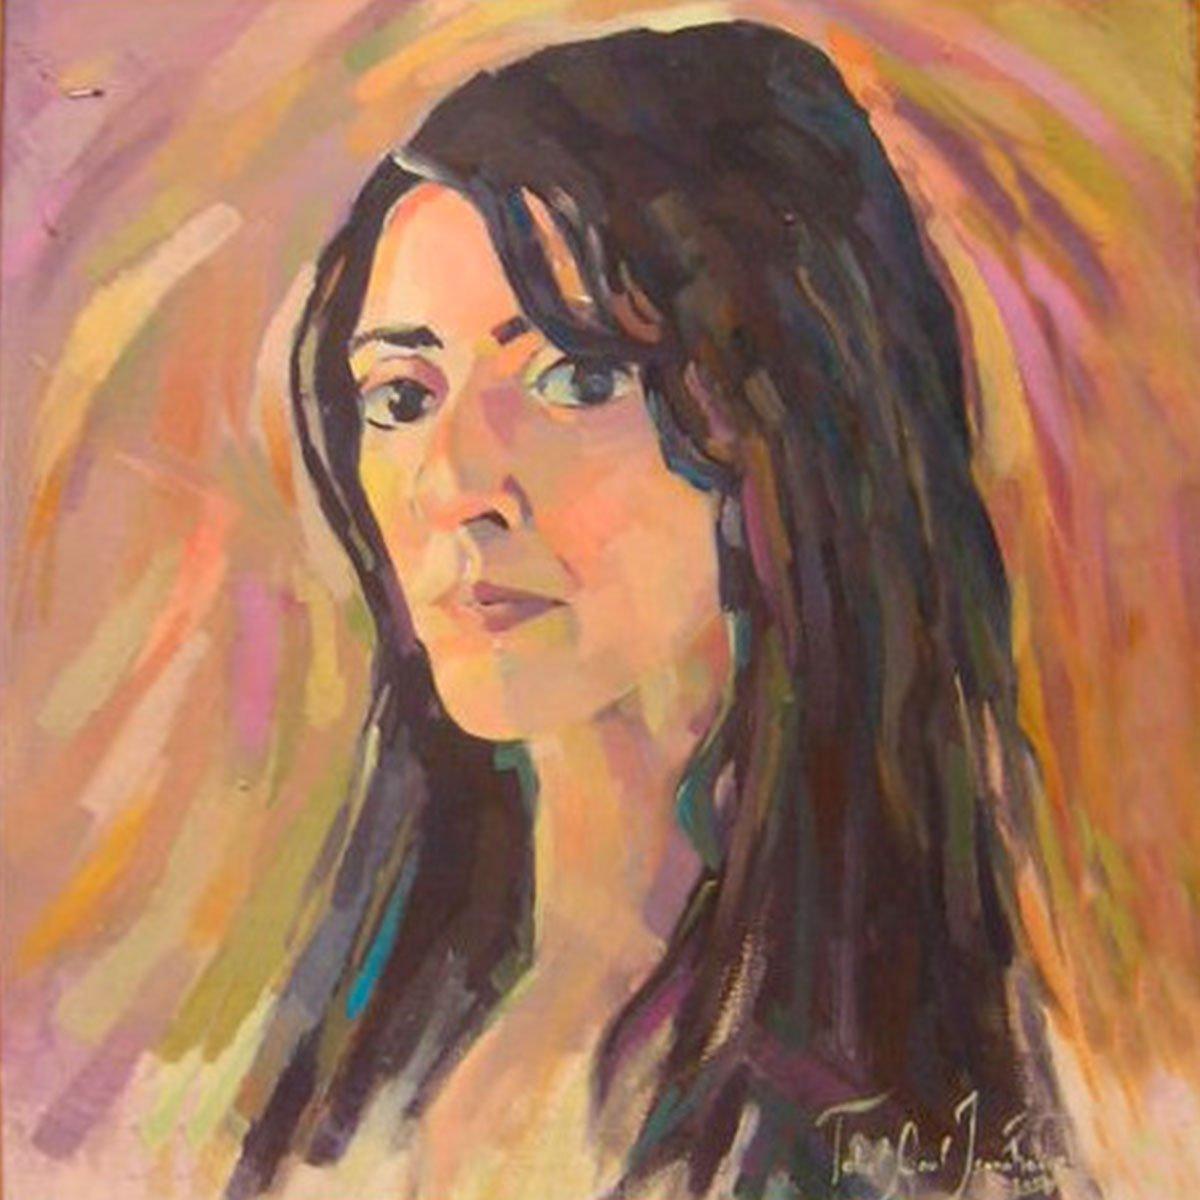 tableau autoportrait orange ismahane tabet aoul portrait fashion photographer